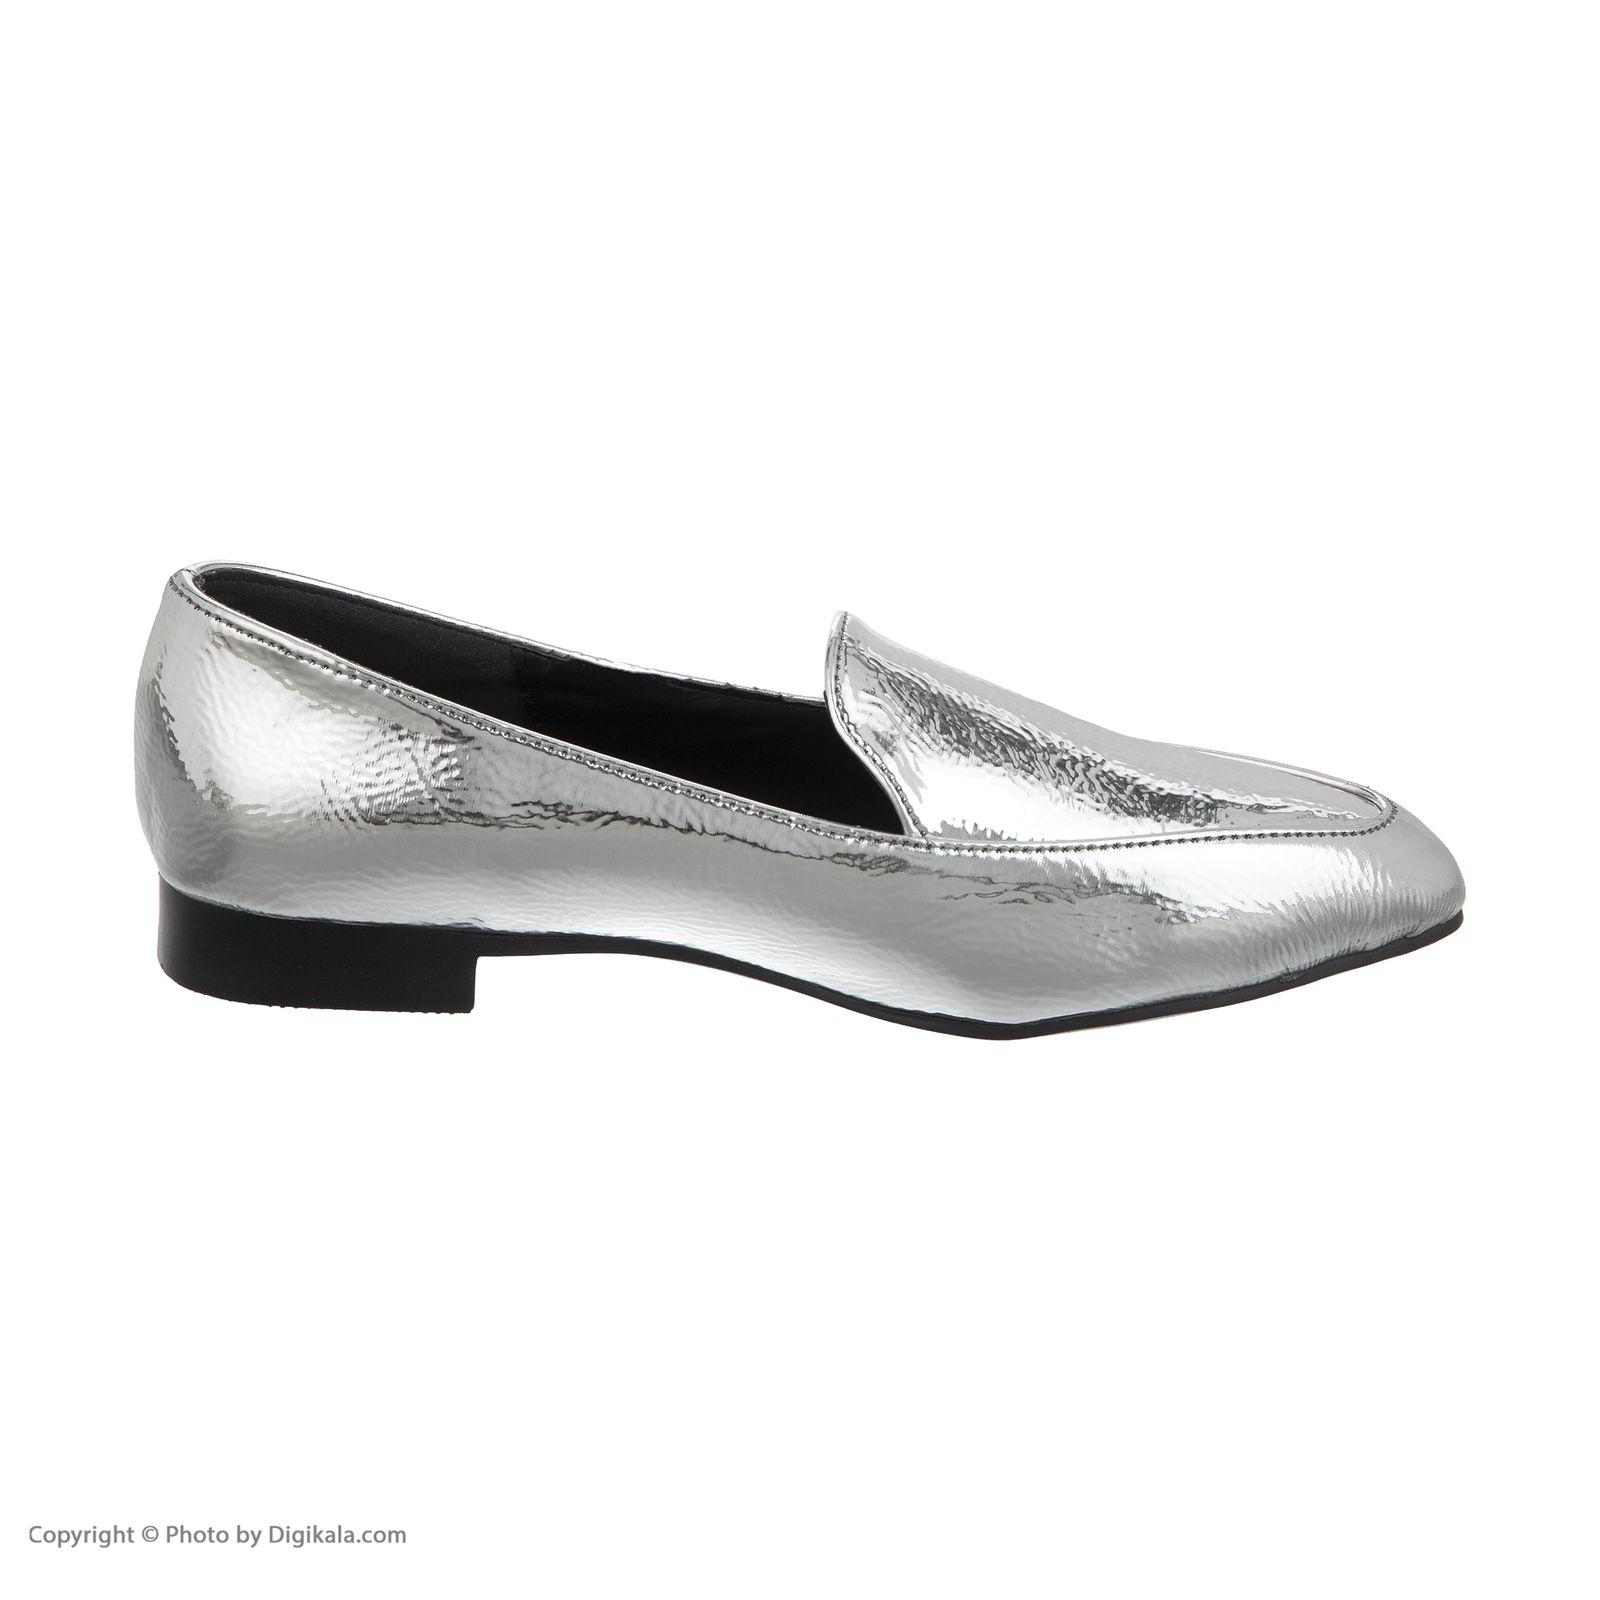 کفش زنانه زبرا مدل 6104 -  - 2